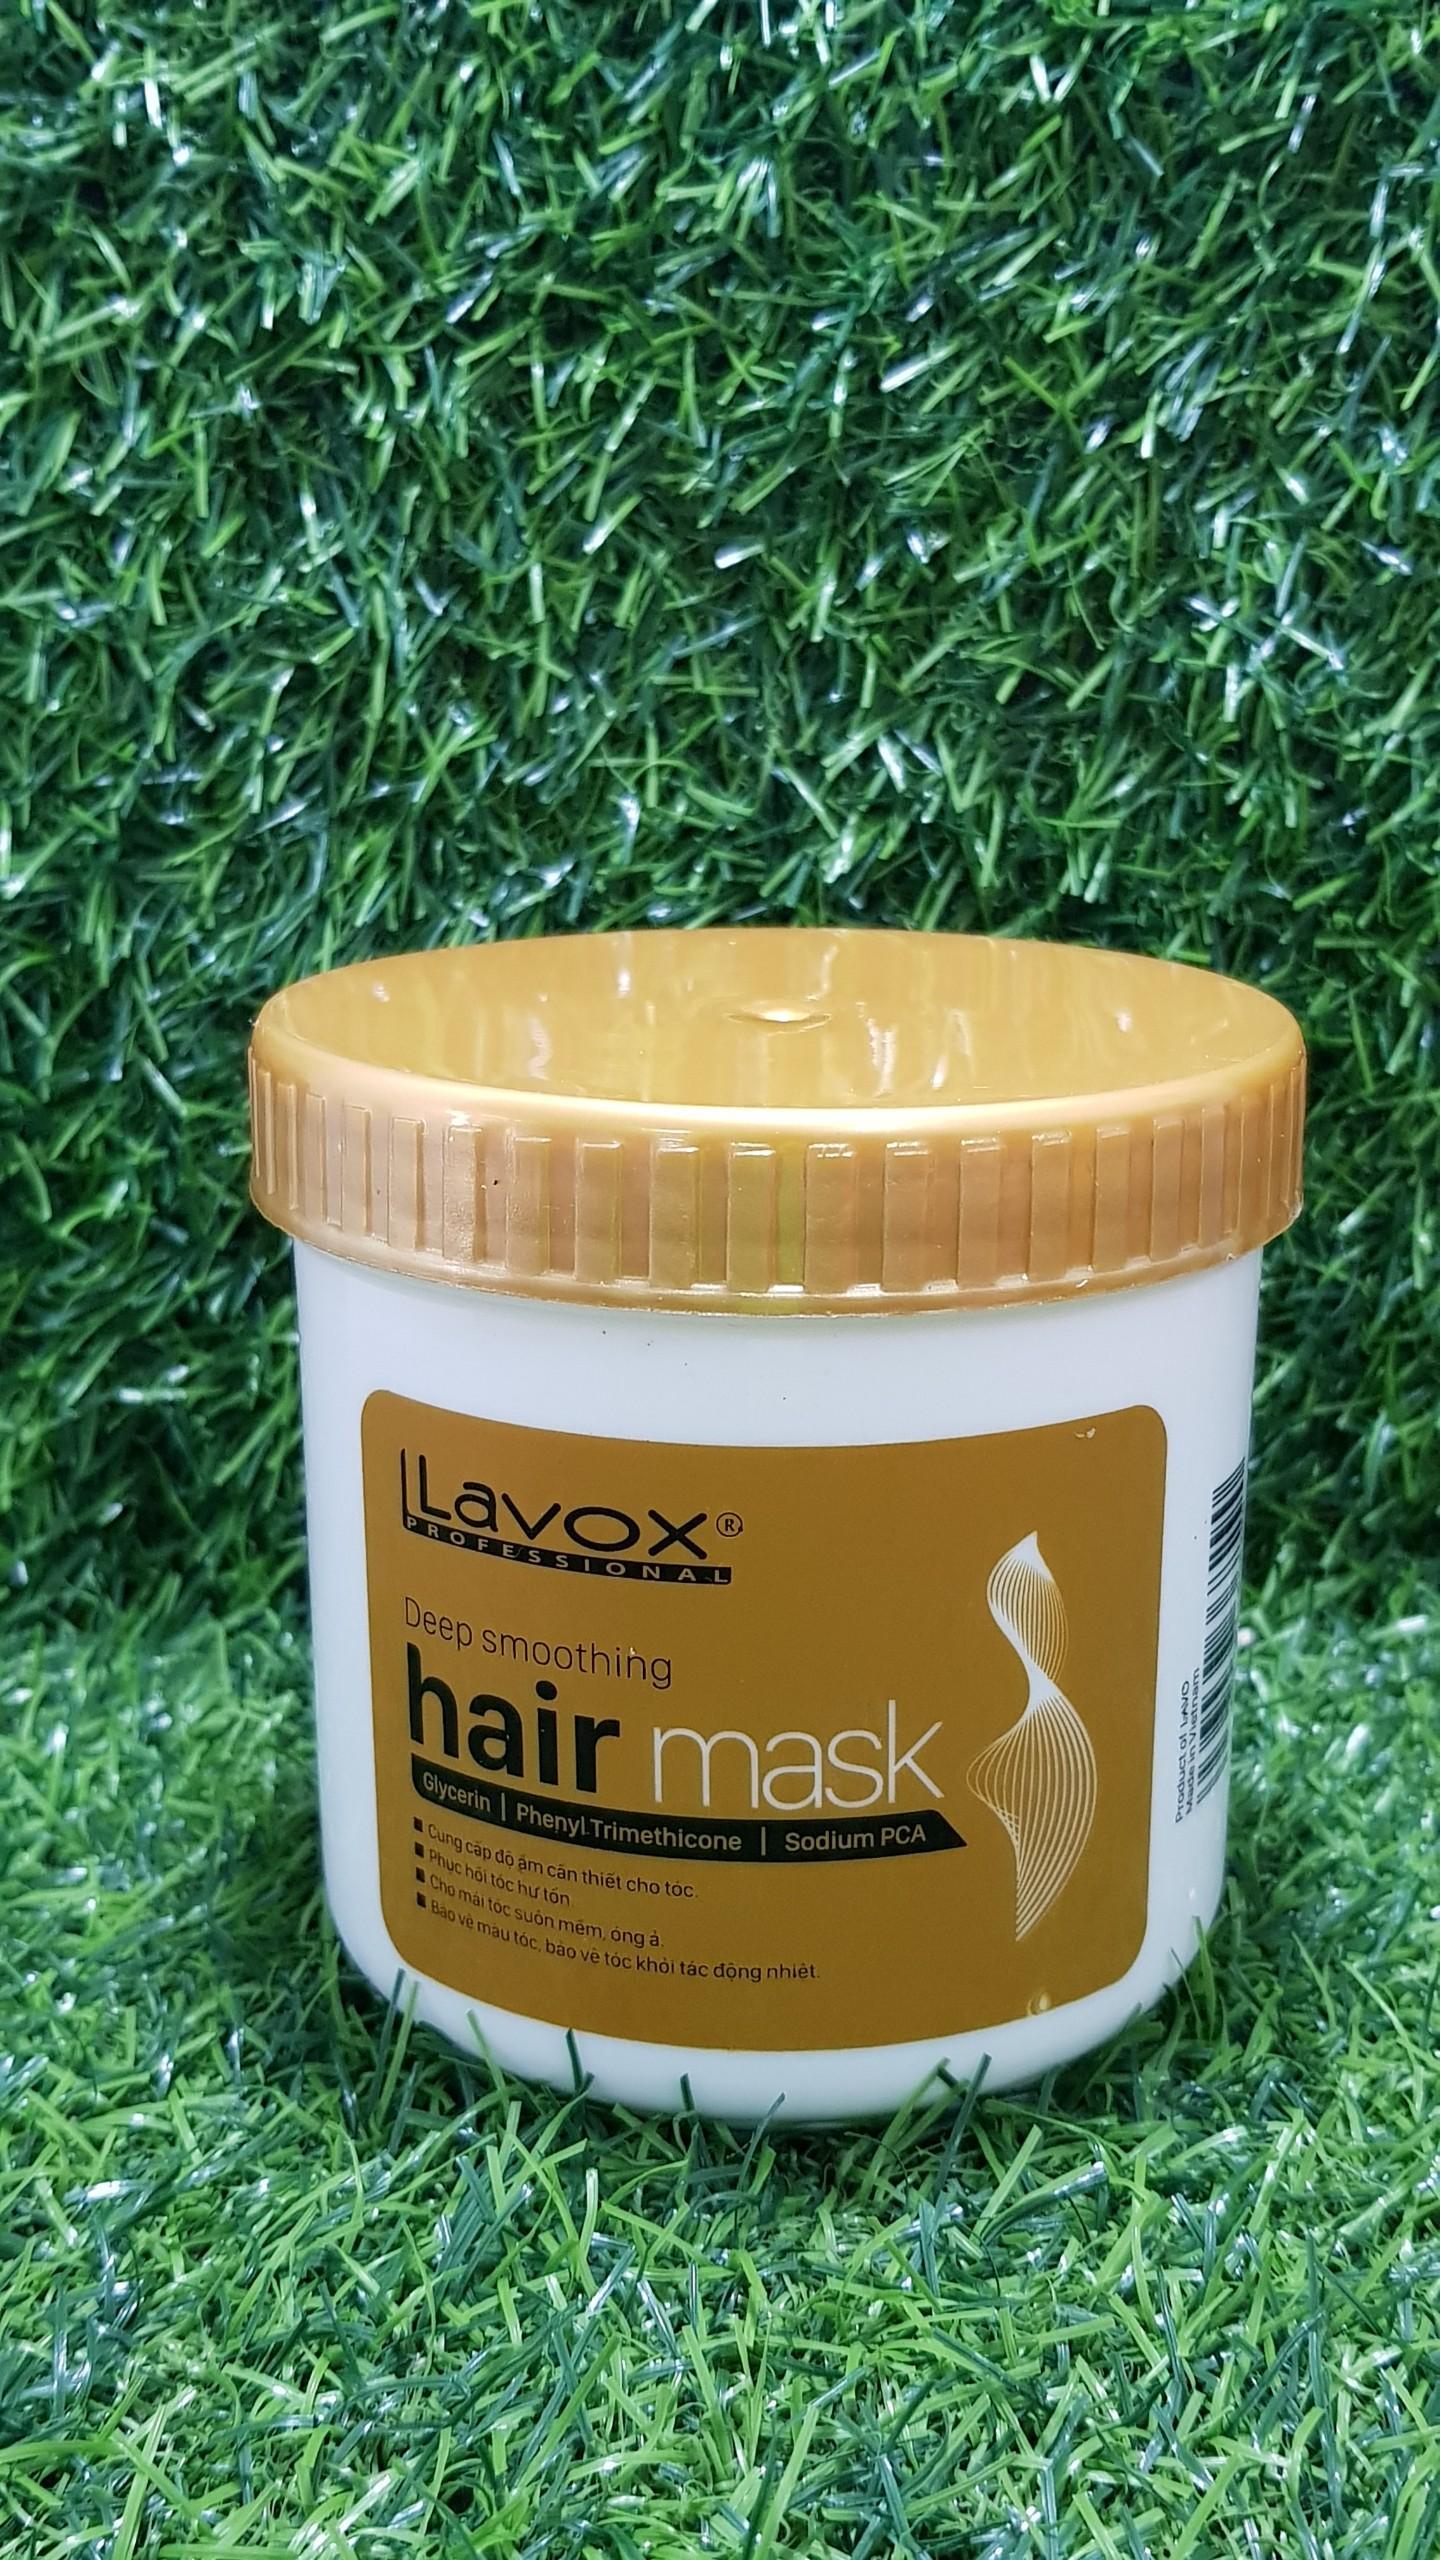 Kem ủ tóc siêu mềm mượt Lavox 500ml